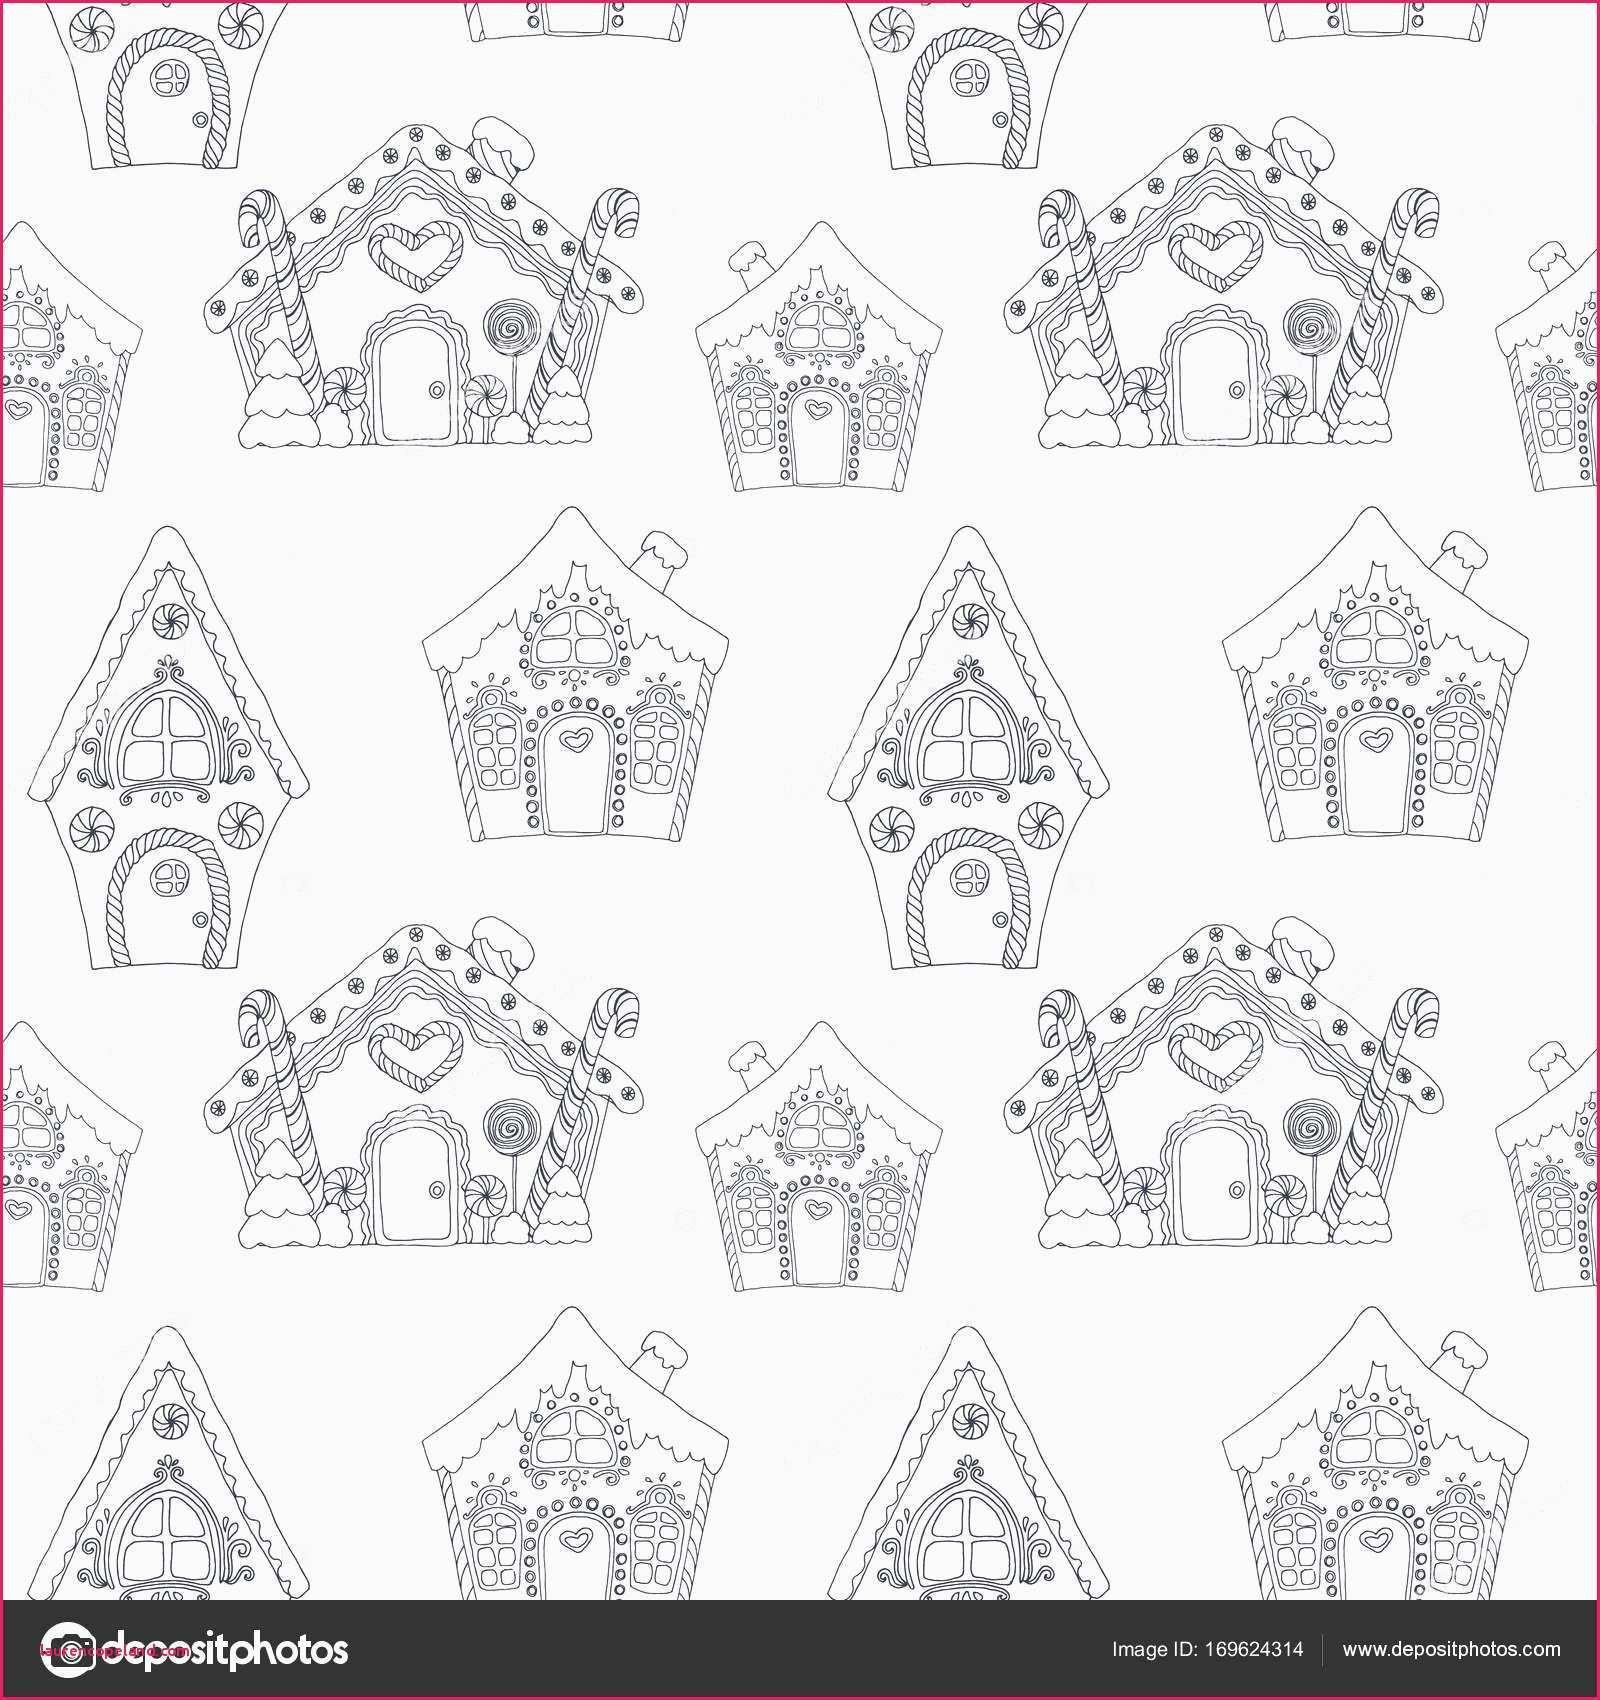 Malvorlagen Weihnachten Fenster Inspirierend Igel Basteln Vorlage Crossradio Stock